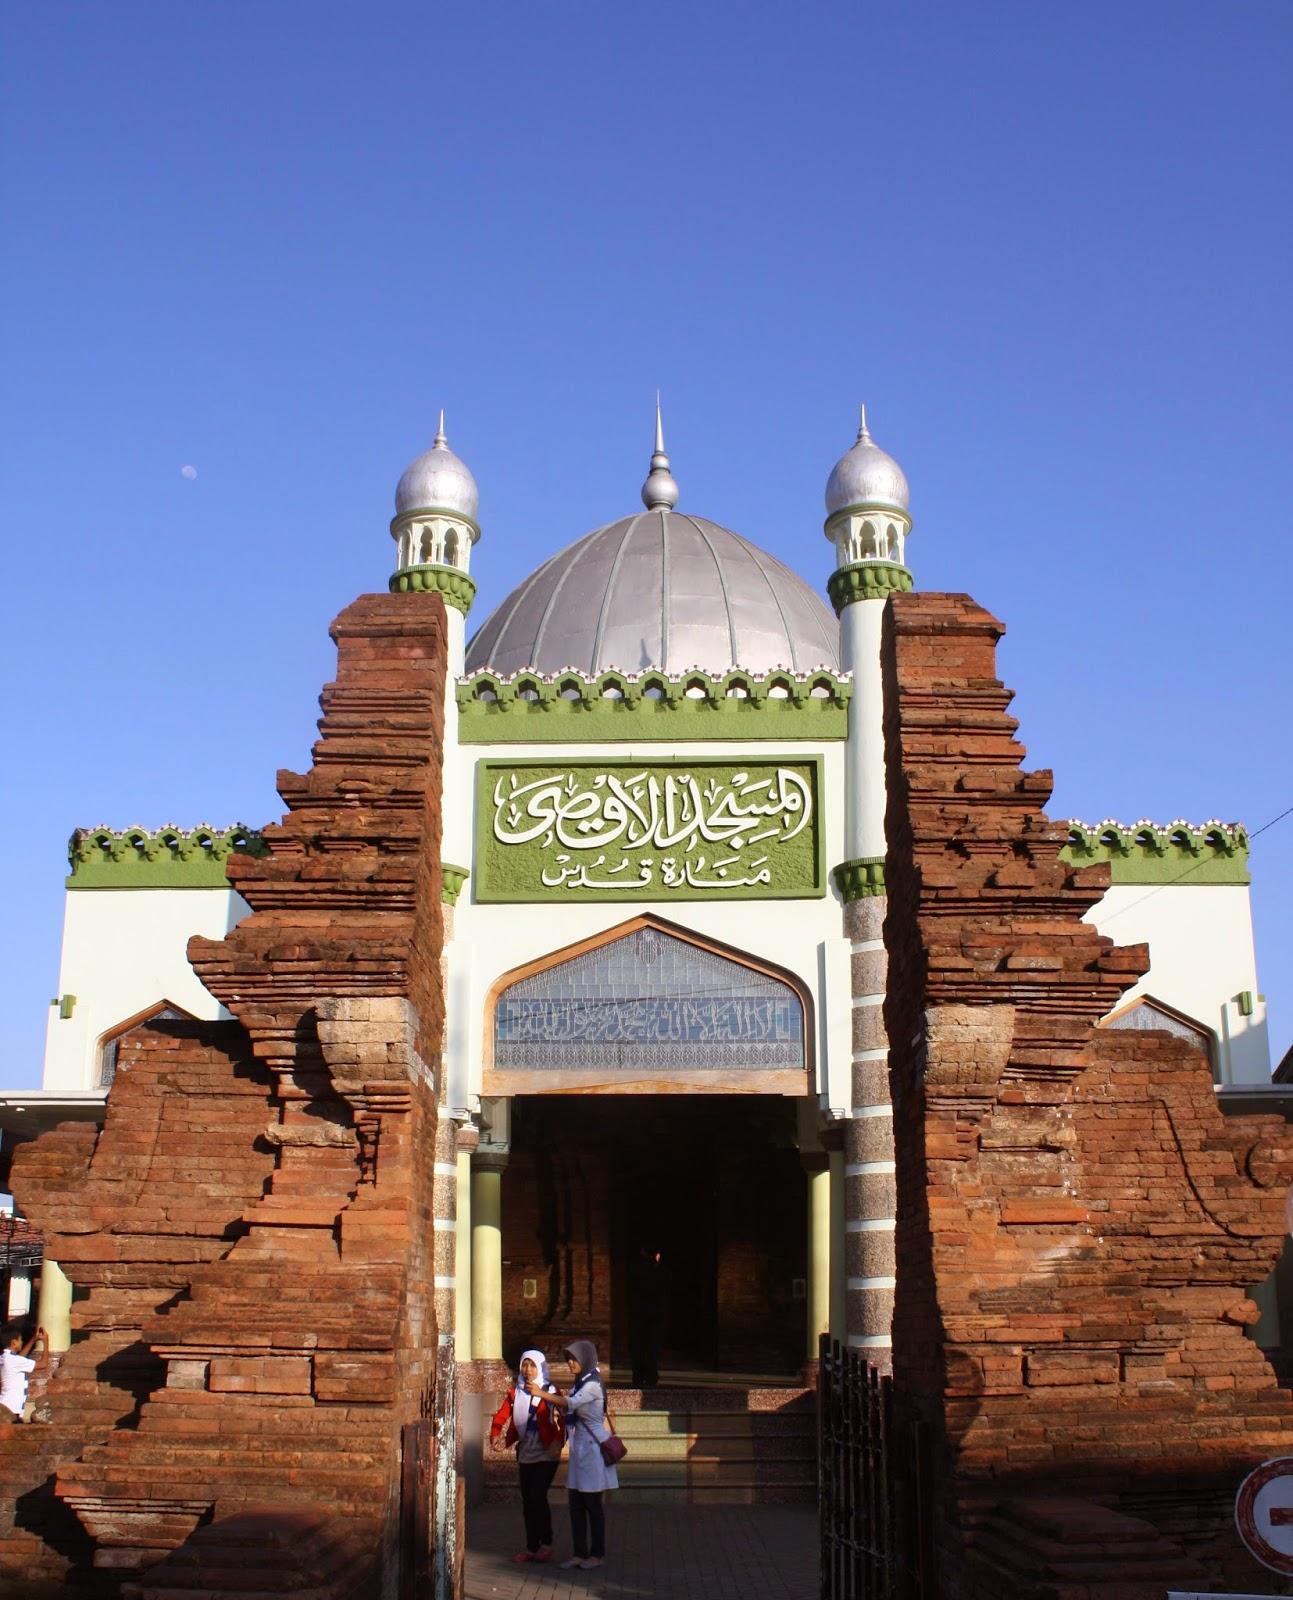 Kudus Indonesia  City new picture : Masjid Menara Kudus Kudus Jawa Tengah GPS Wisata Indonesia